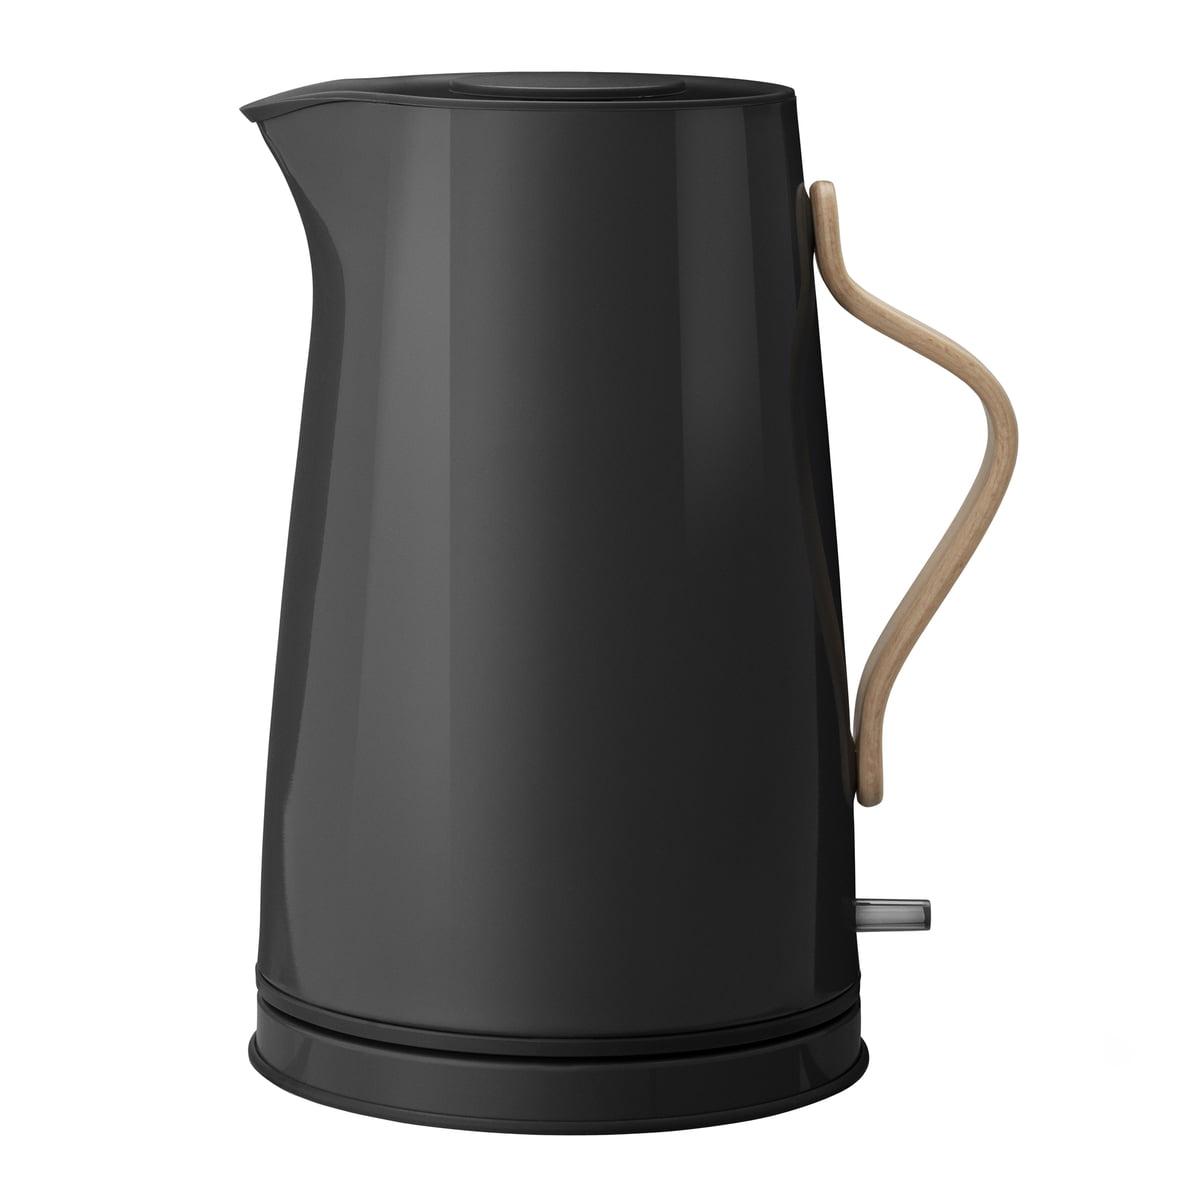 Stelton - Emma chauffe-eau 1,2 l, noir